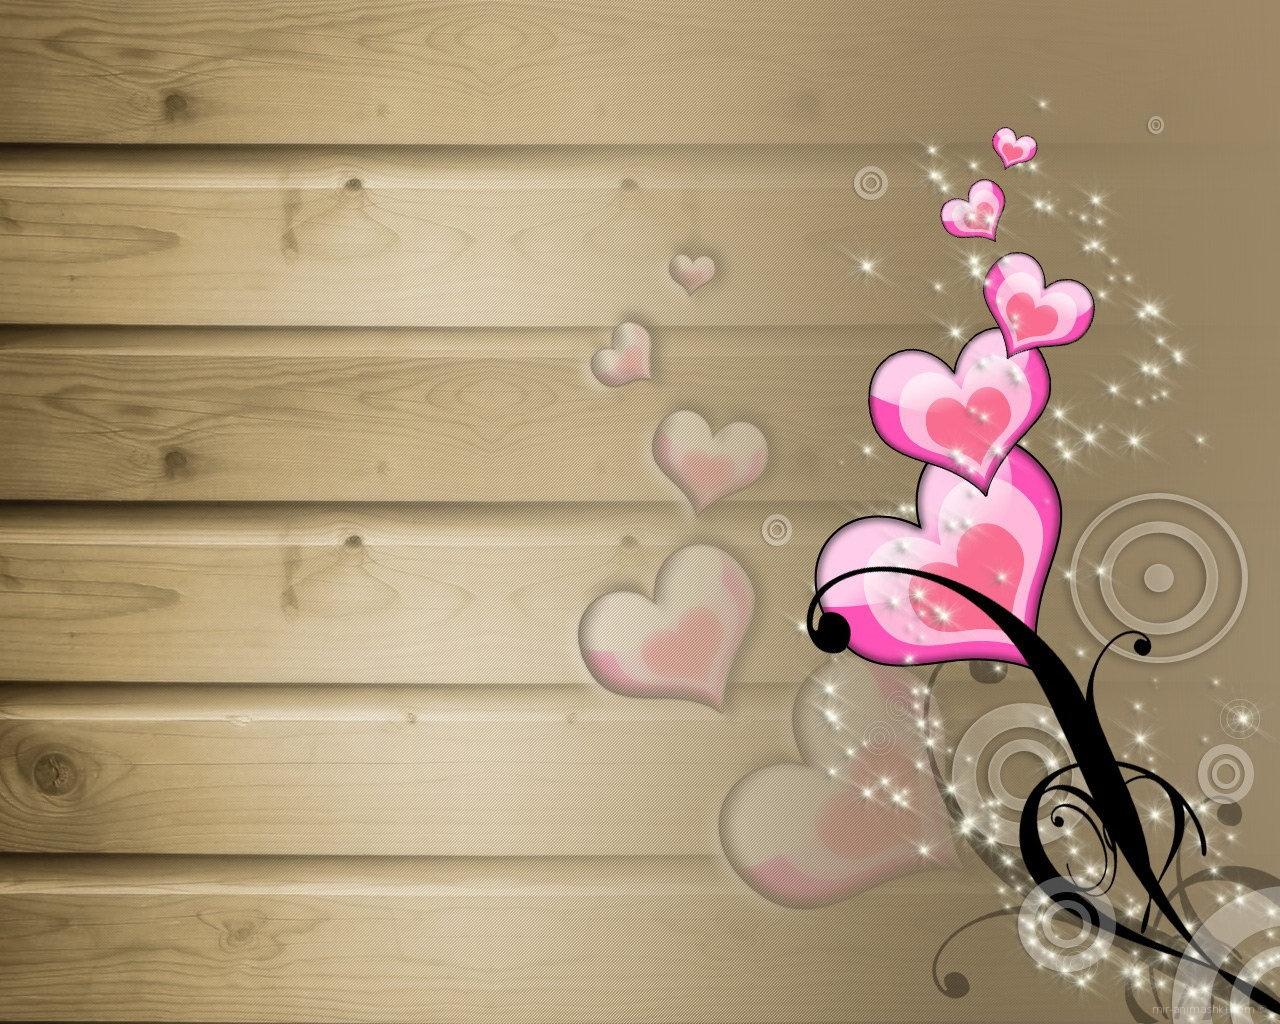 Розовые сердечки - С днем Святого Валентина поздравительные картинки